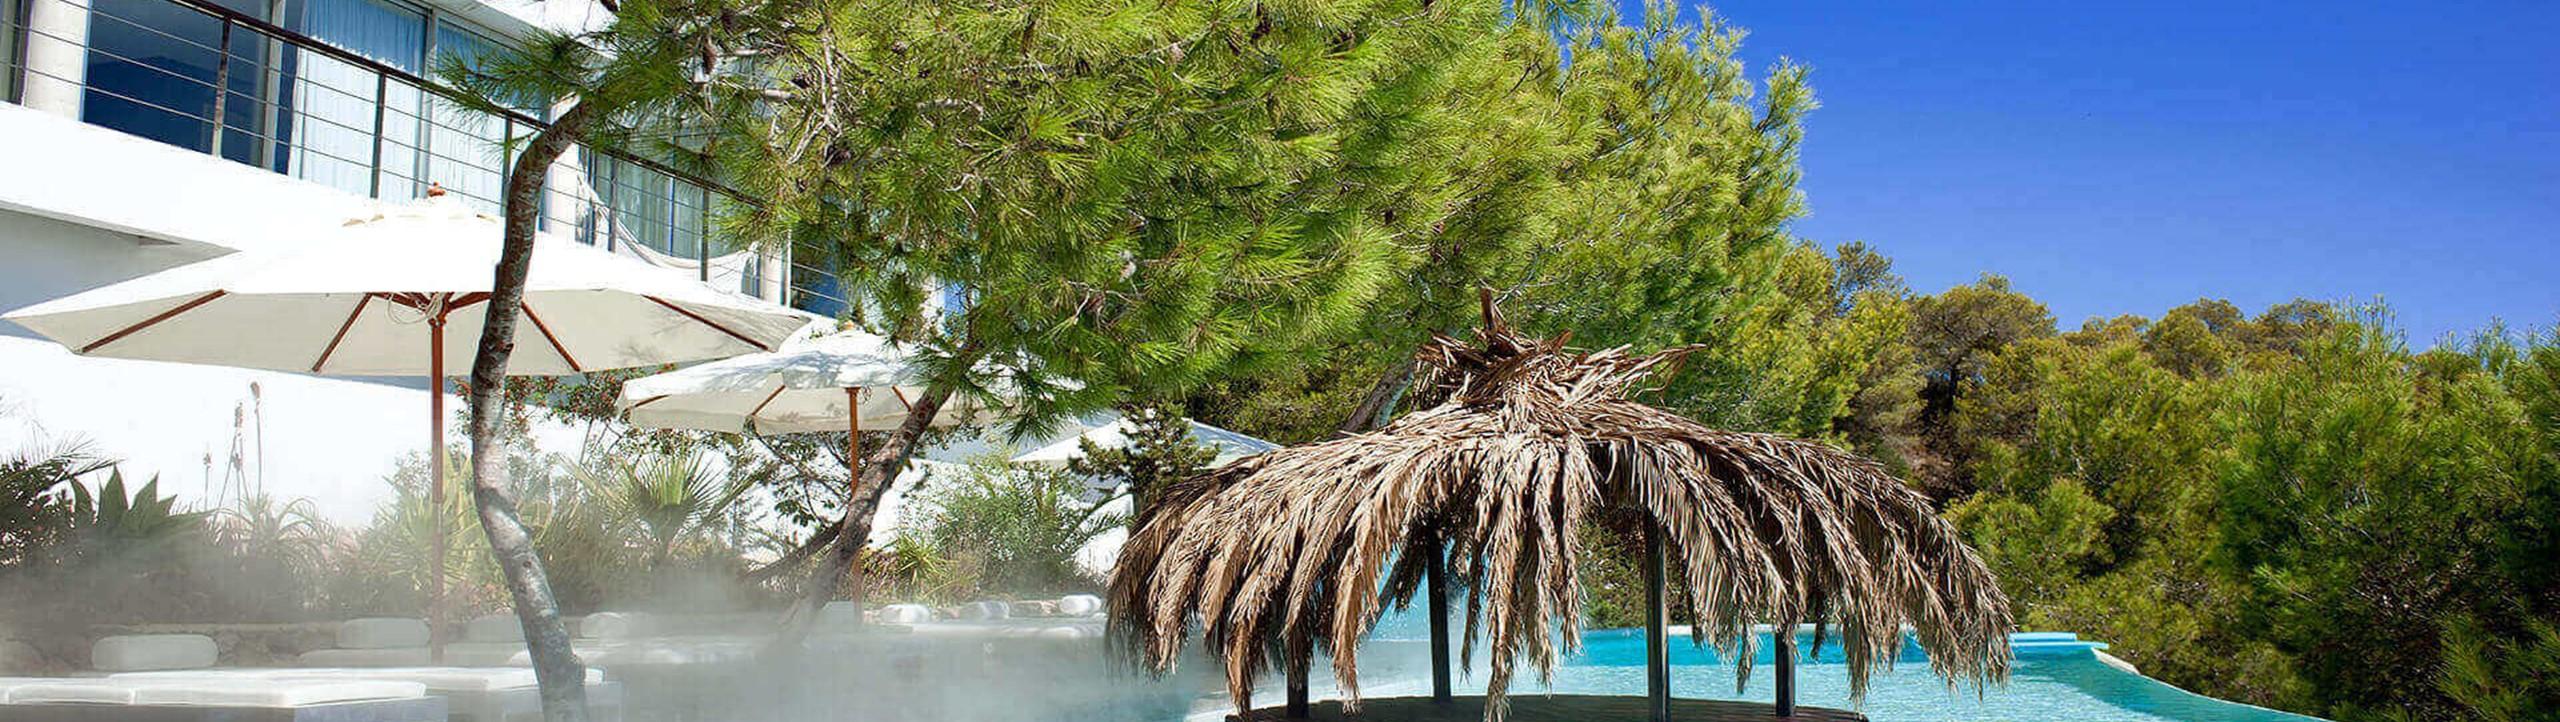 Villa Roca Ibiza 4 Luxury Catered Villa